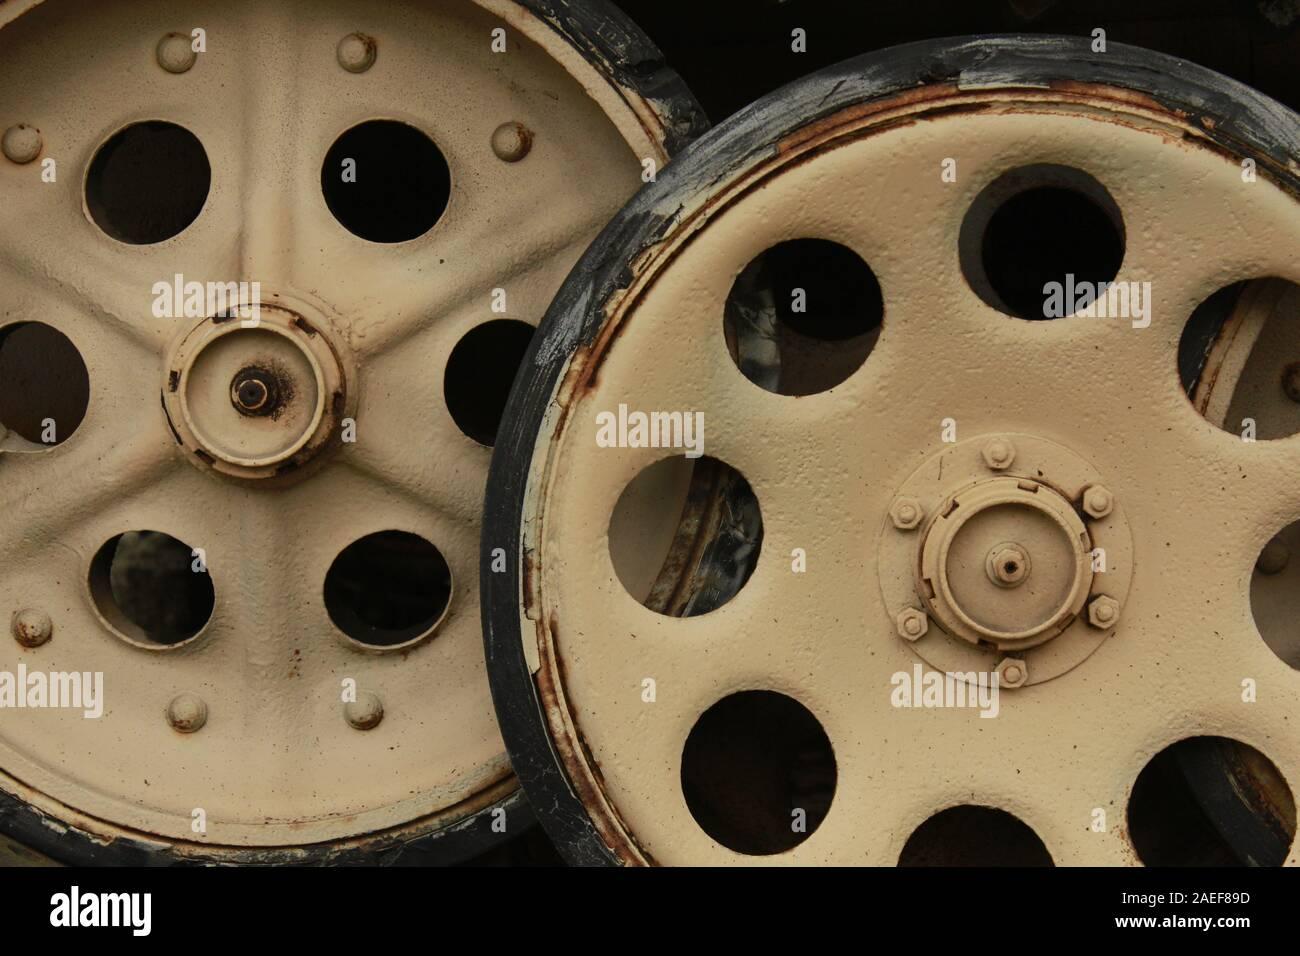 In der Nähe der Zahnräder ist ein Panzer aus dem Zweiten Weltkrieg in gutem Zustand. Retro Transport- und Militärtechnologie Konzept. Stockfoto